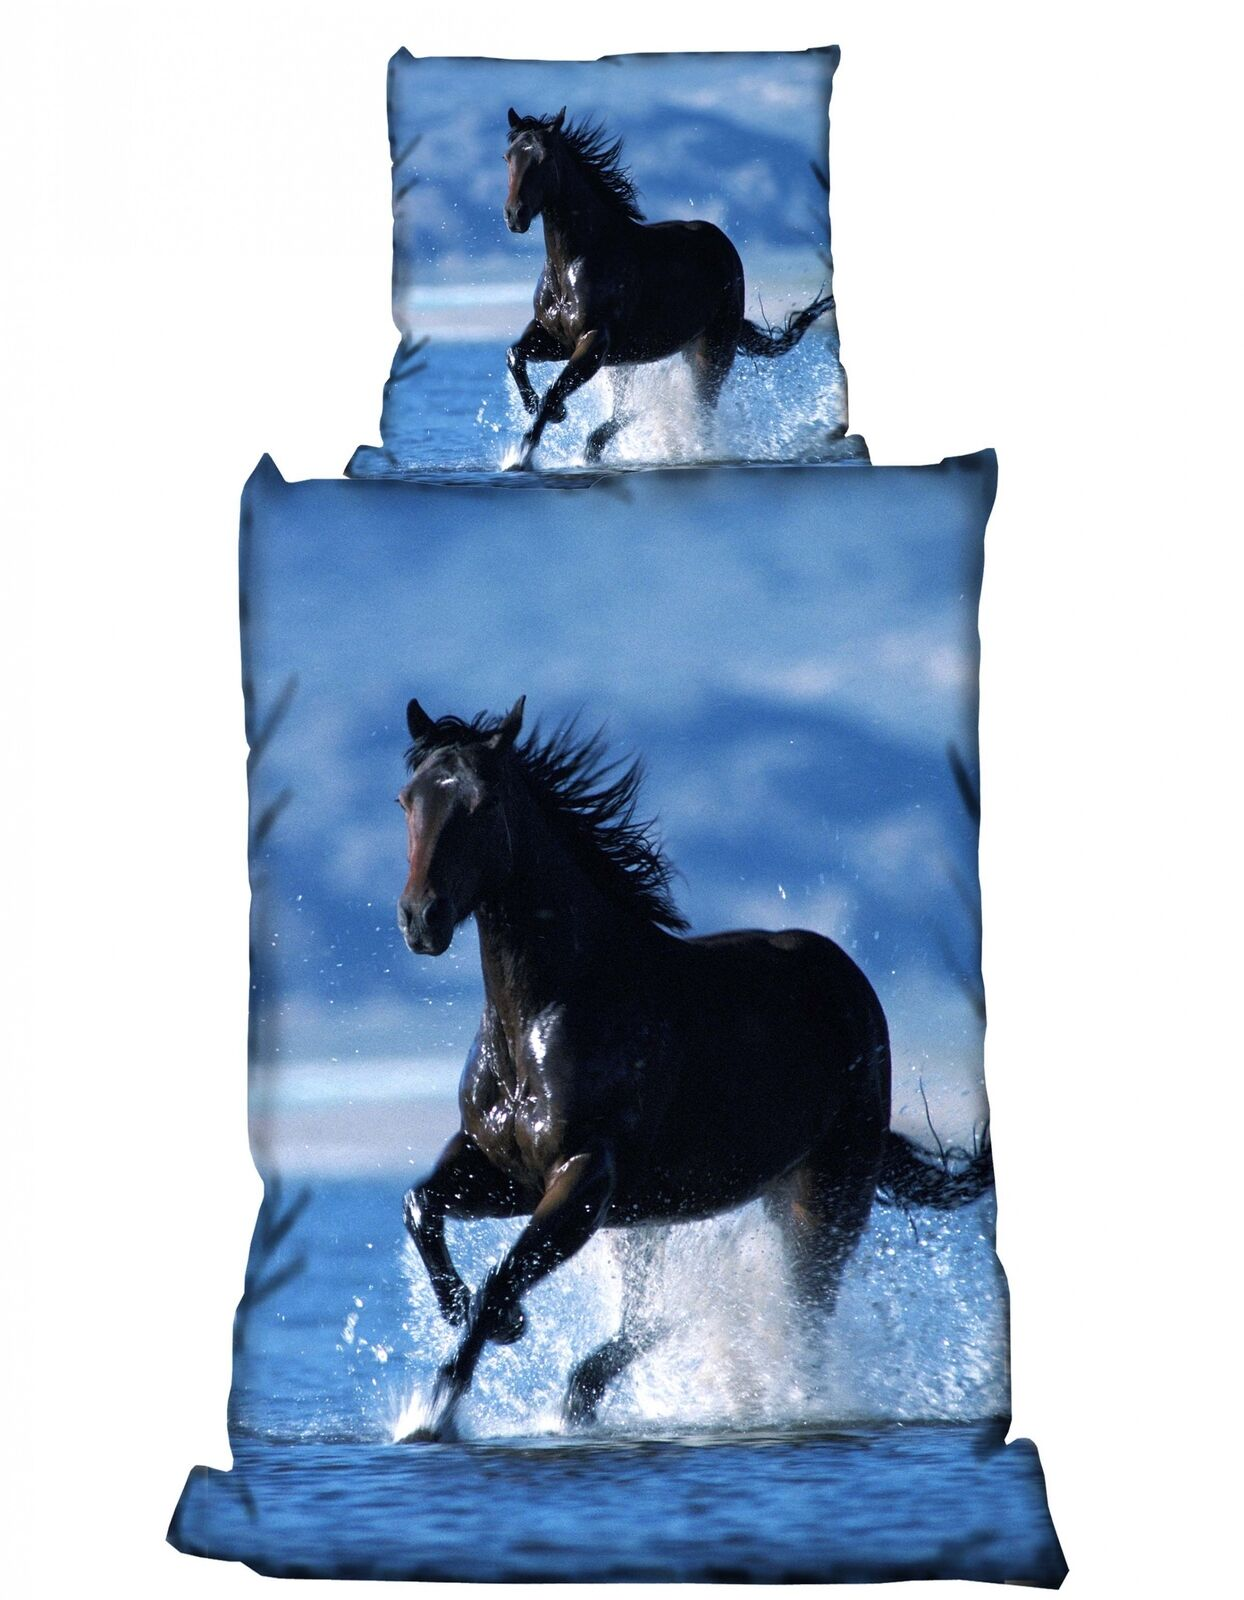 2 tlg Bettwäsche 135 x 200 cm Pferd schwarz blau Microfaser Garnitur